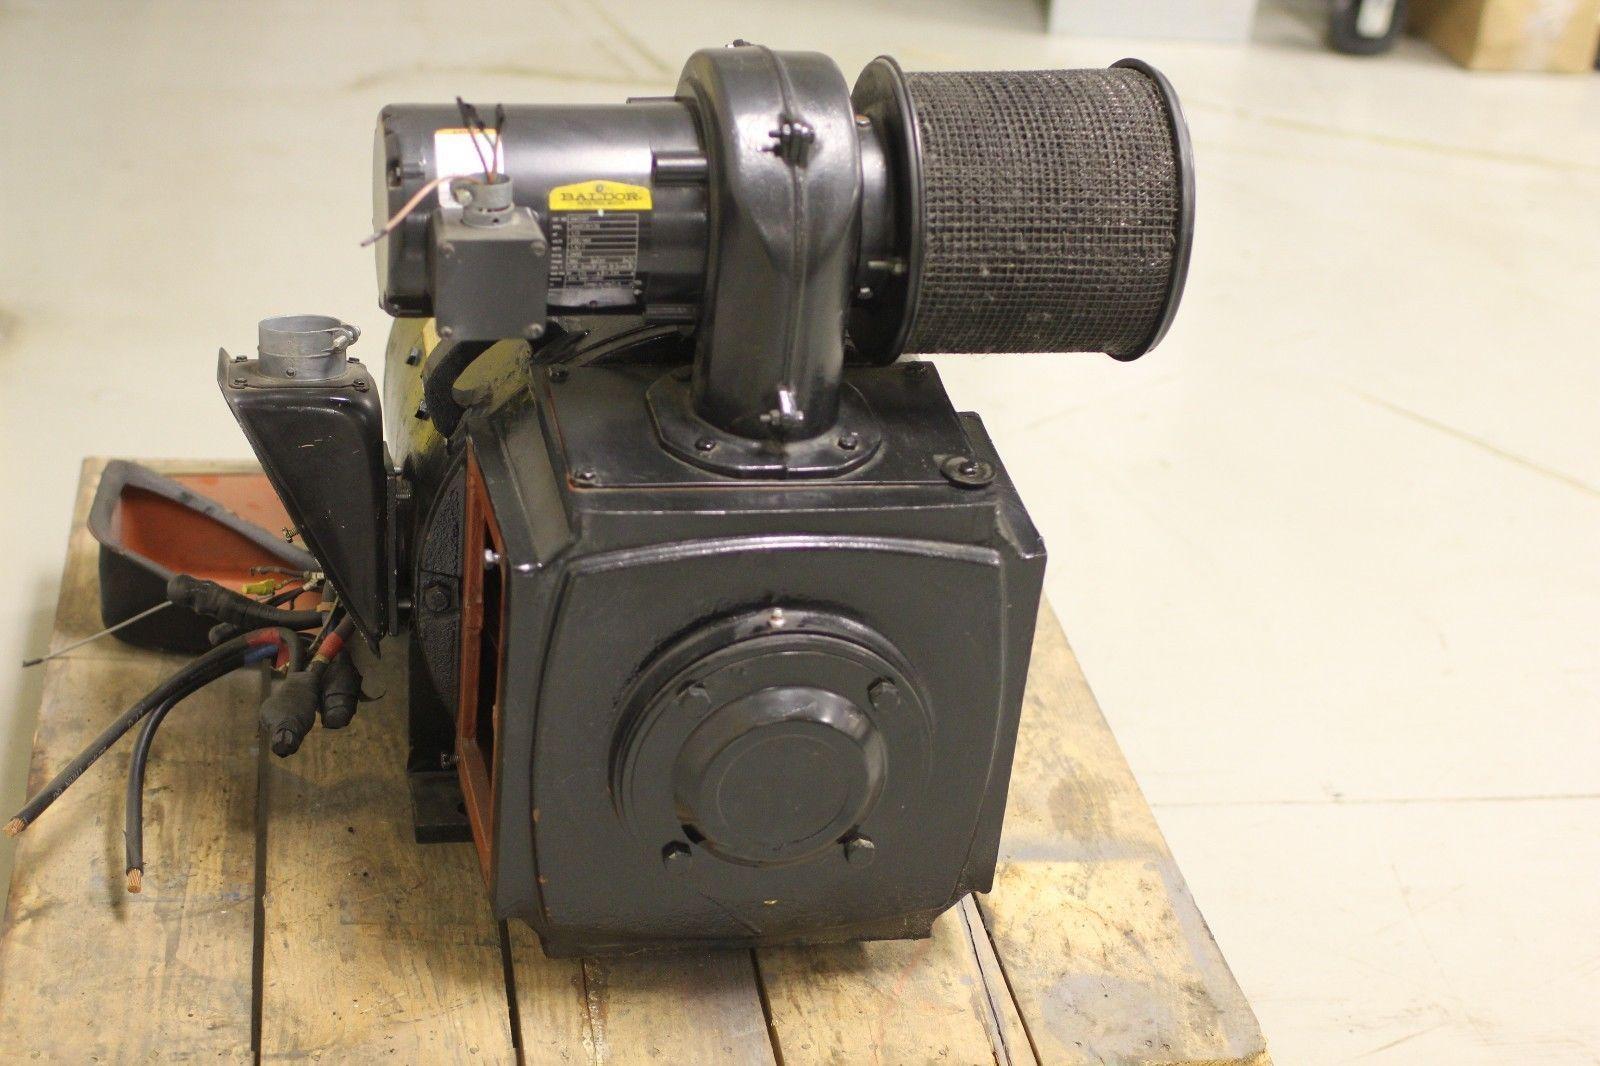 Used Ge Kinamatic Dc Motor 5cd193pa003a047 75 Hp 1750 2100